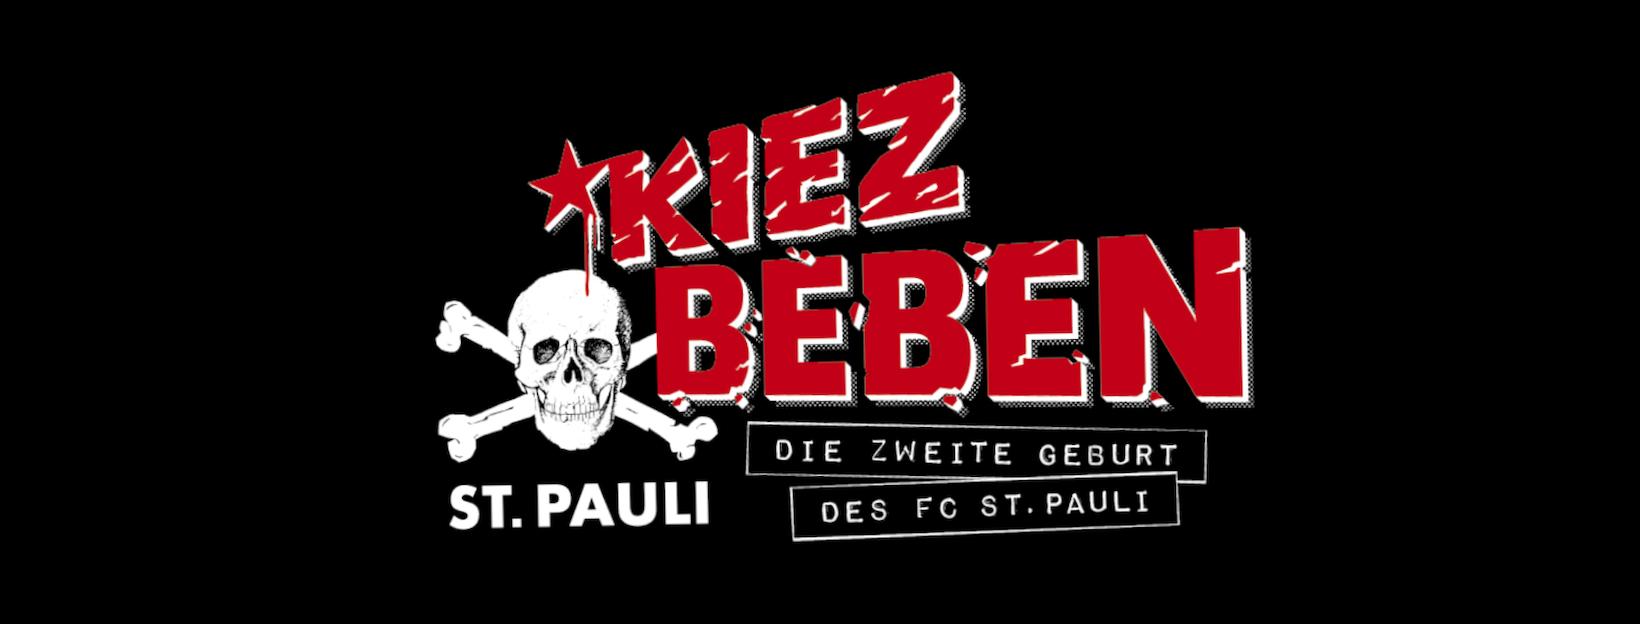 TW_Header_Kiezbeben (2)